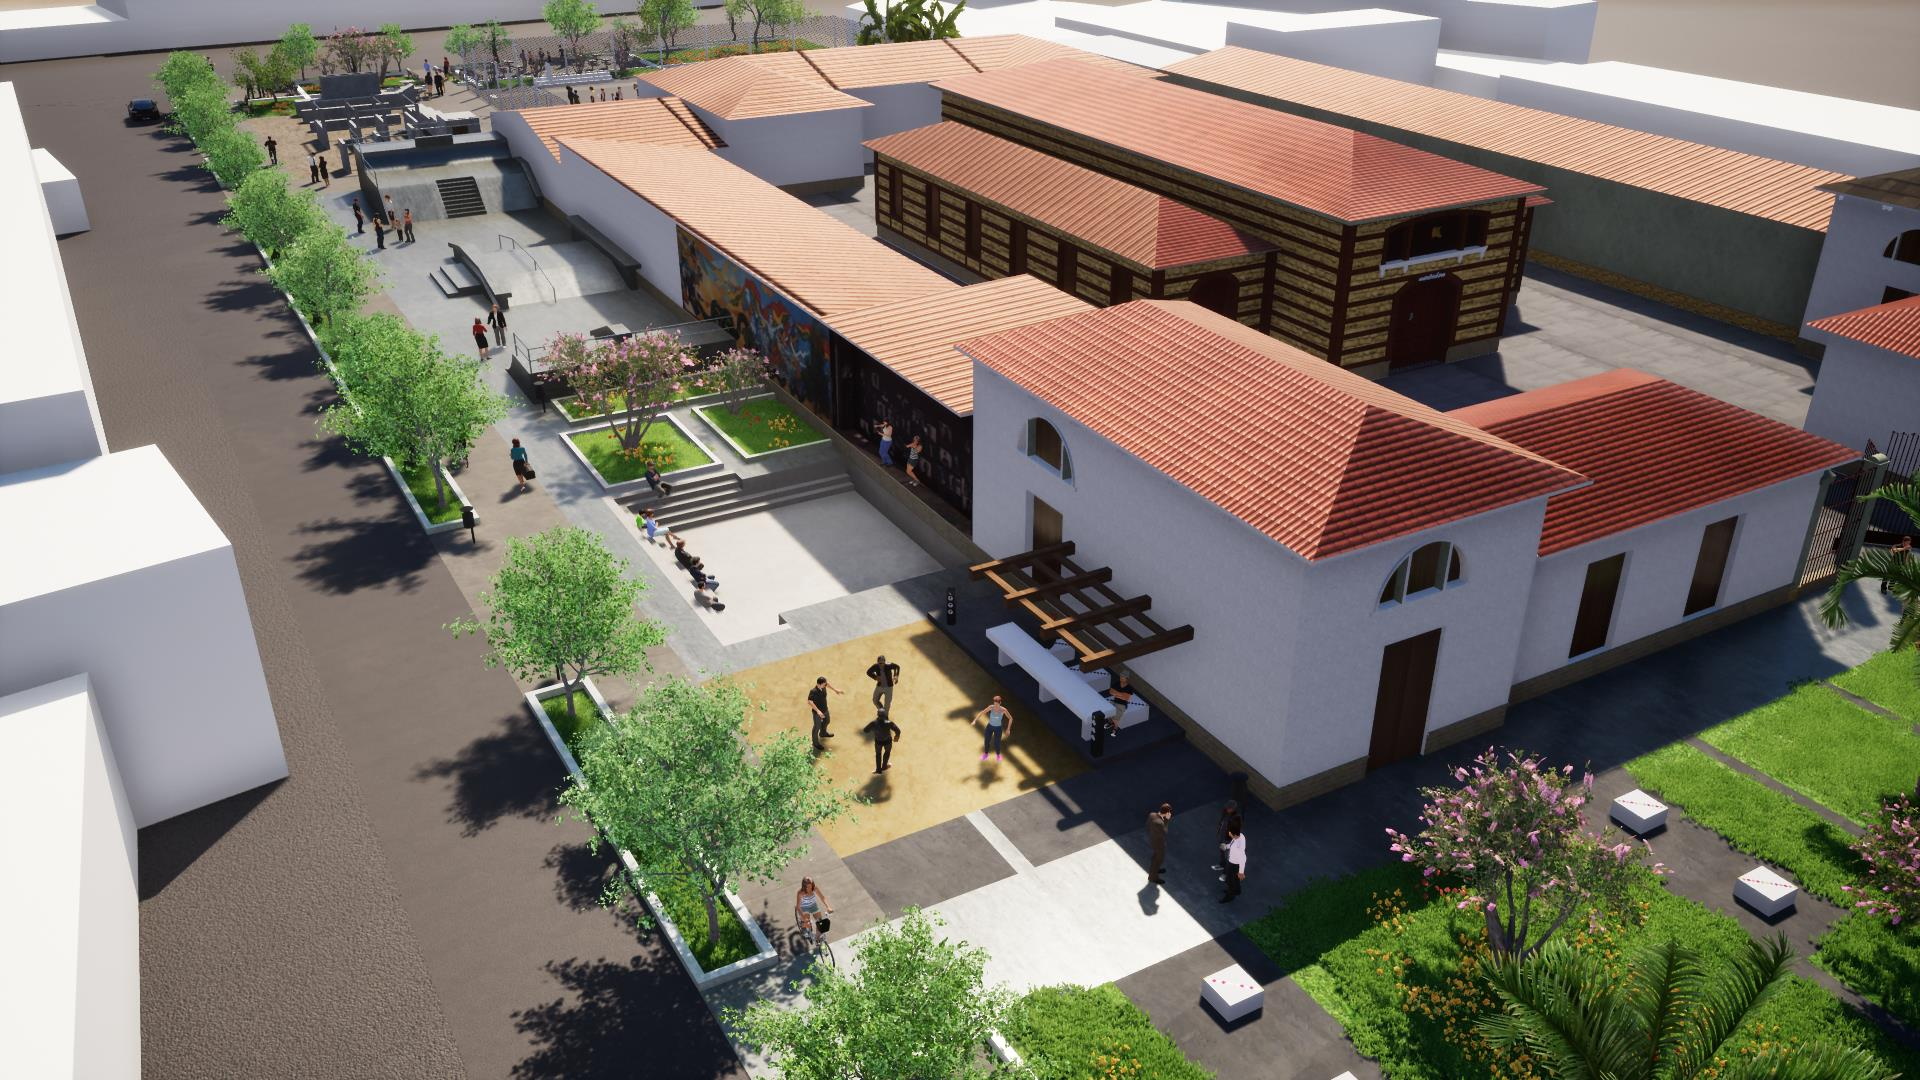 Modelo del Parque Urbano Ollantay uno de los 40 sitios turísticos en la ciudad de Cochabamba.